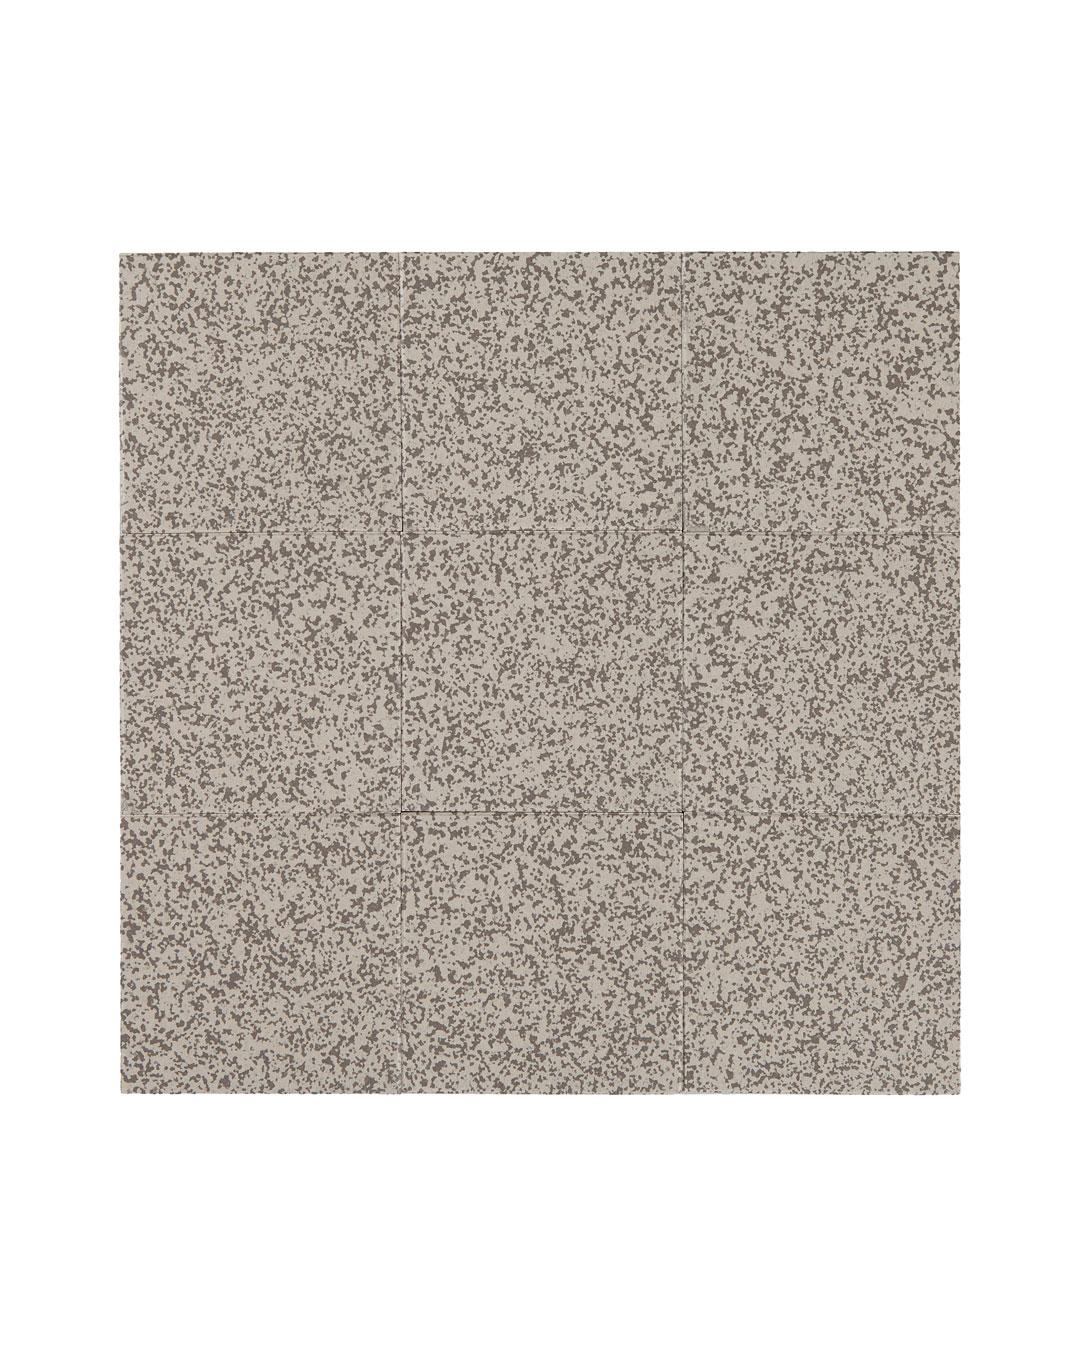 Annelies Planteijdt, Mooie stad – Collier en tegels, 2017, vloertegels (afbeelding 3/3)